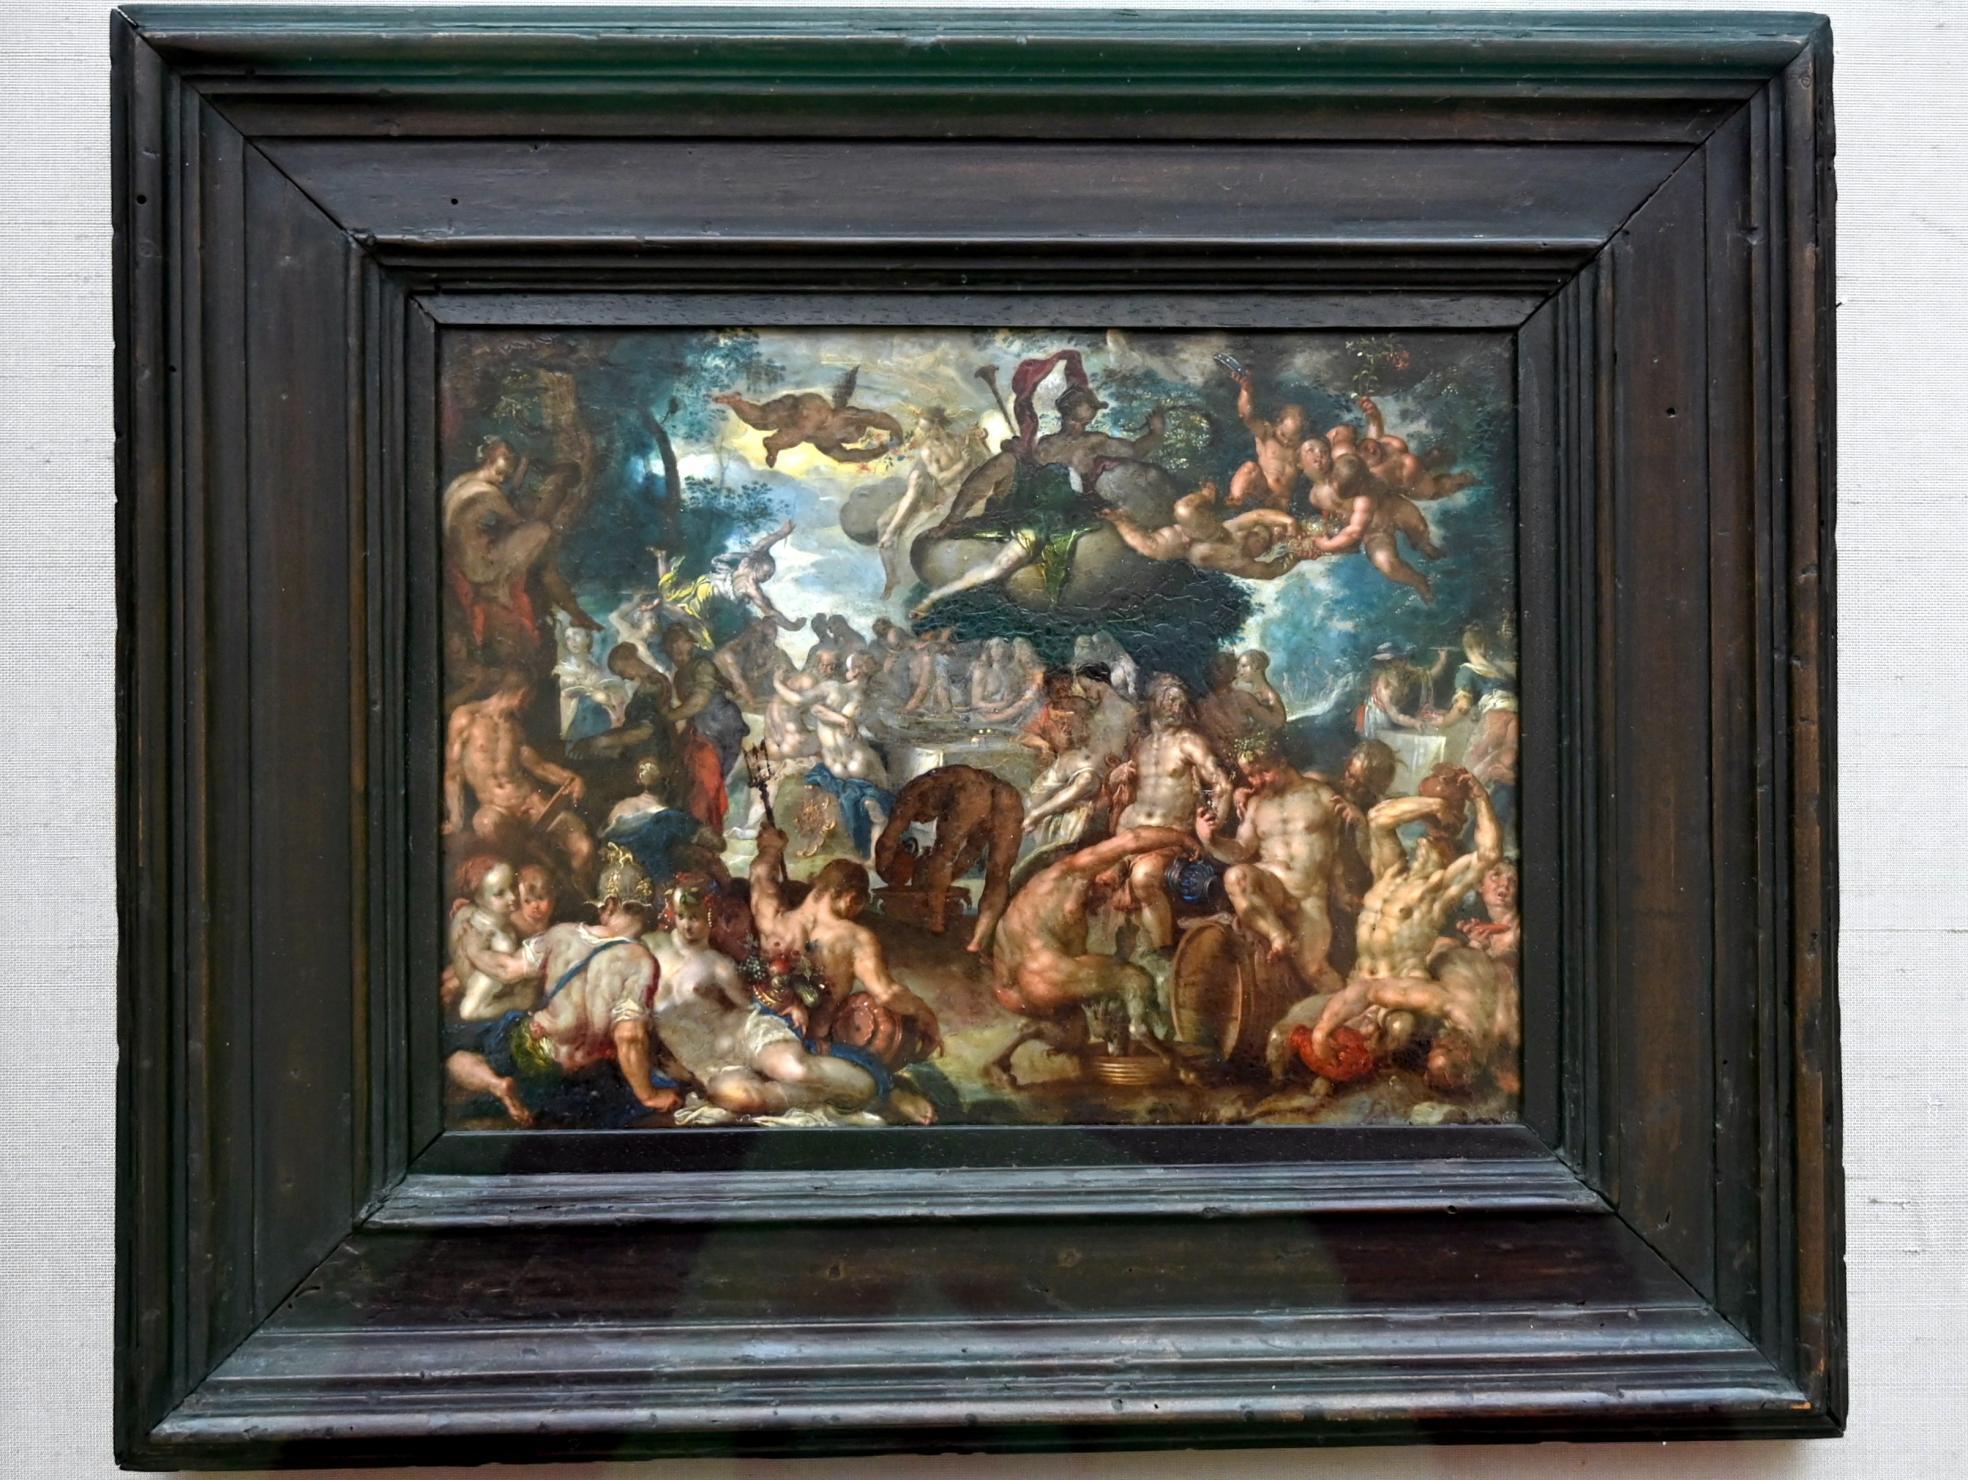 Joachim Anthonisz. Wtewael: Die Hochzeit von Peleus und Thetis, Um 1592 - 1600